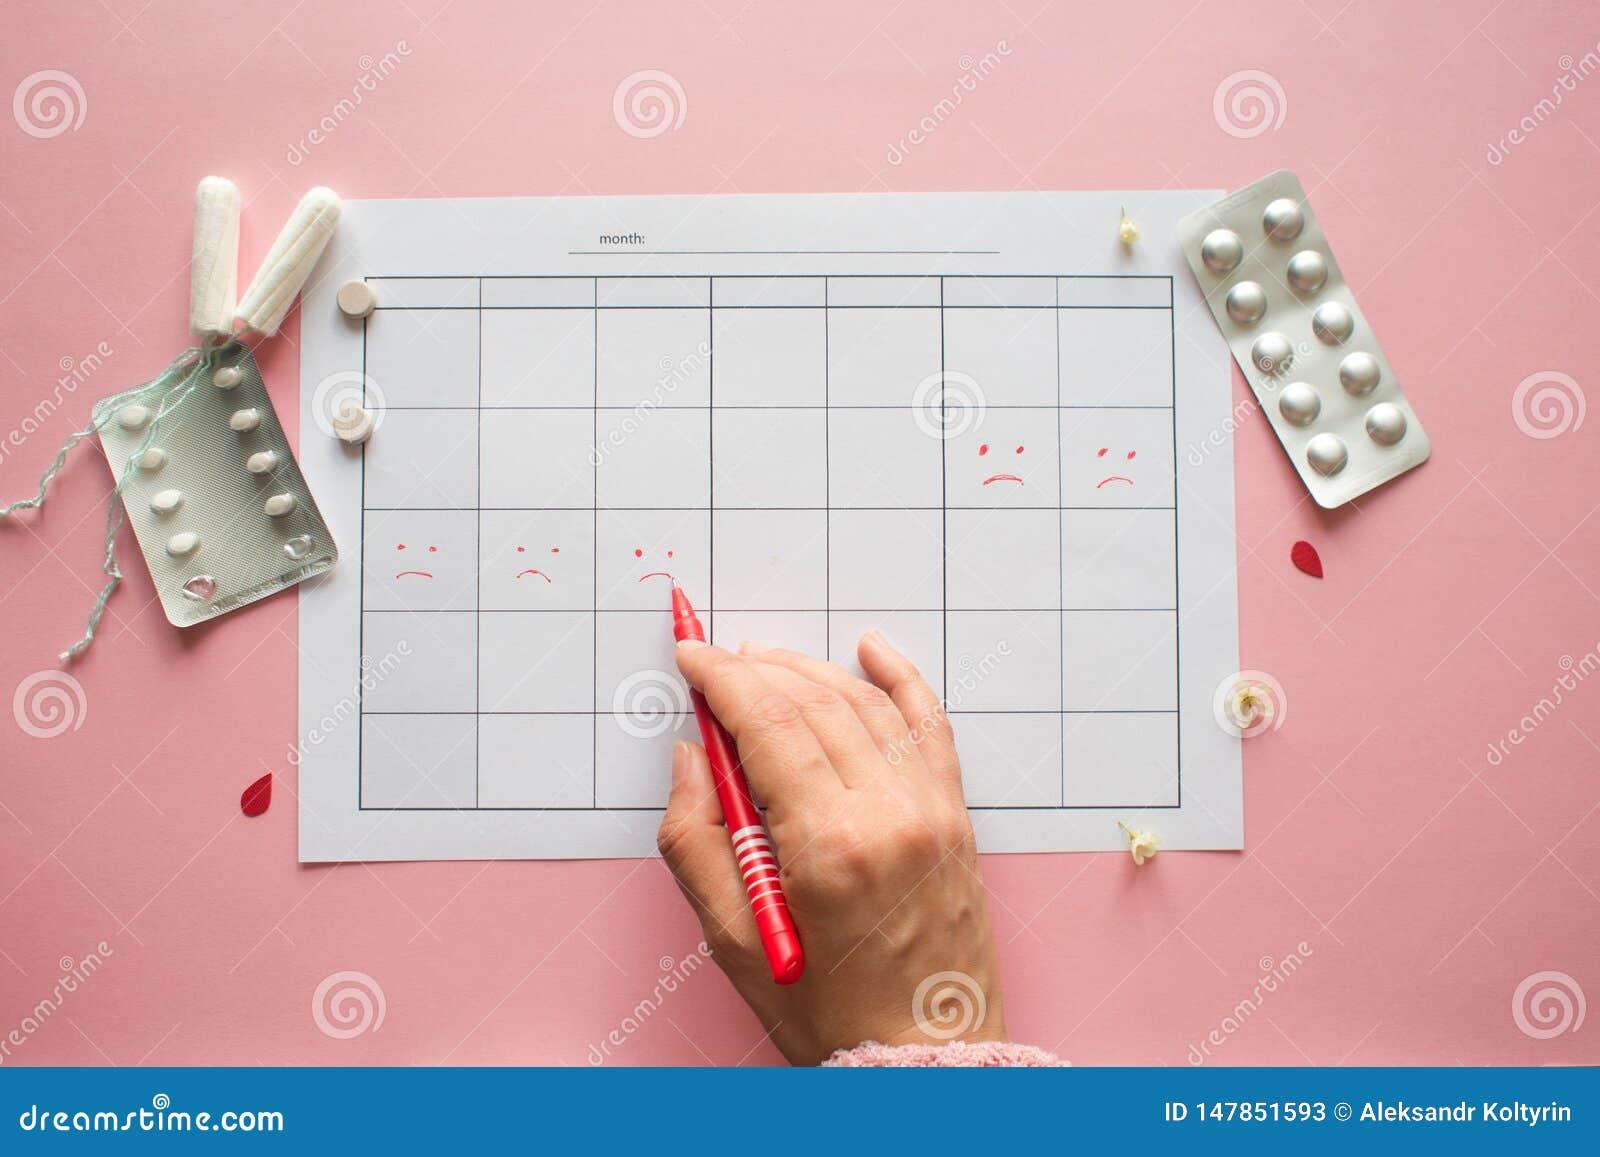 Calendario para el mes y la marca del ciclo menstrual PMS y el concepto cr?tico de los d?as